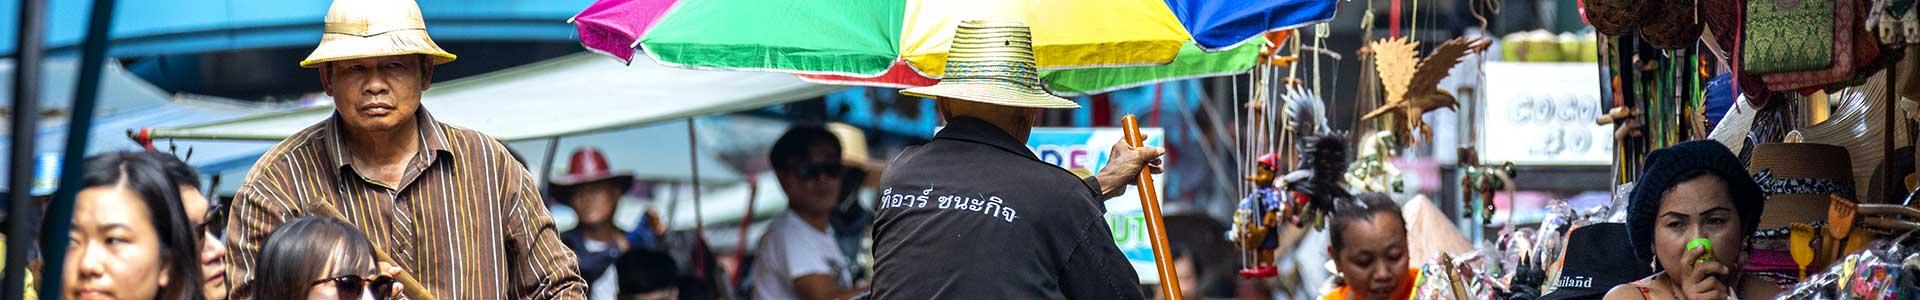 Voyage en Thailande - TUI